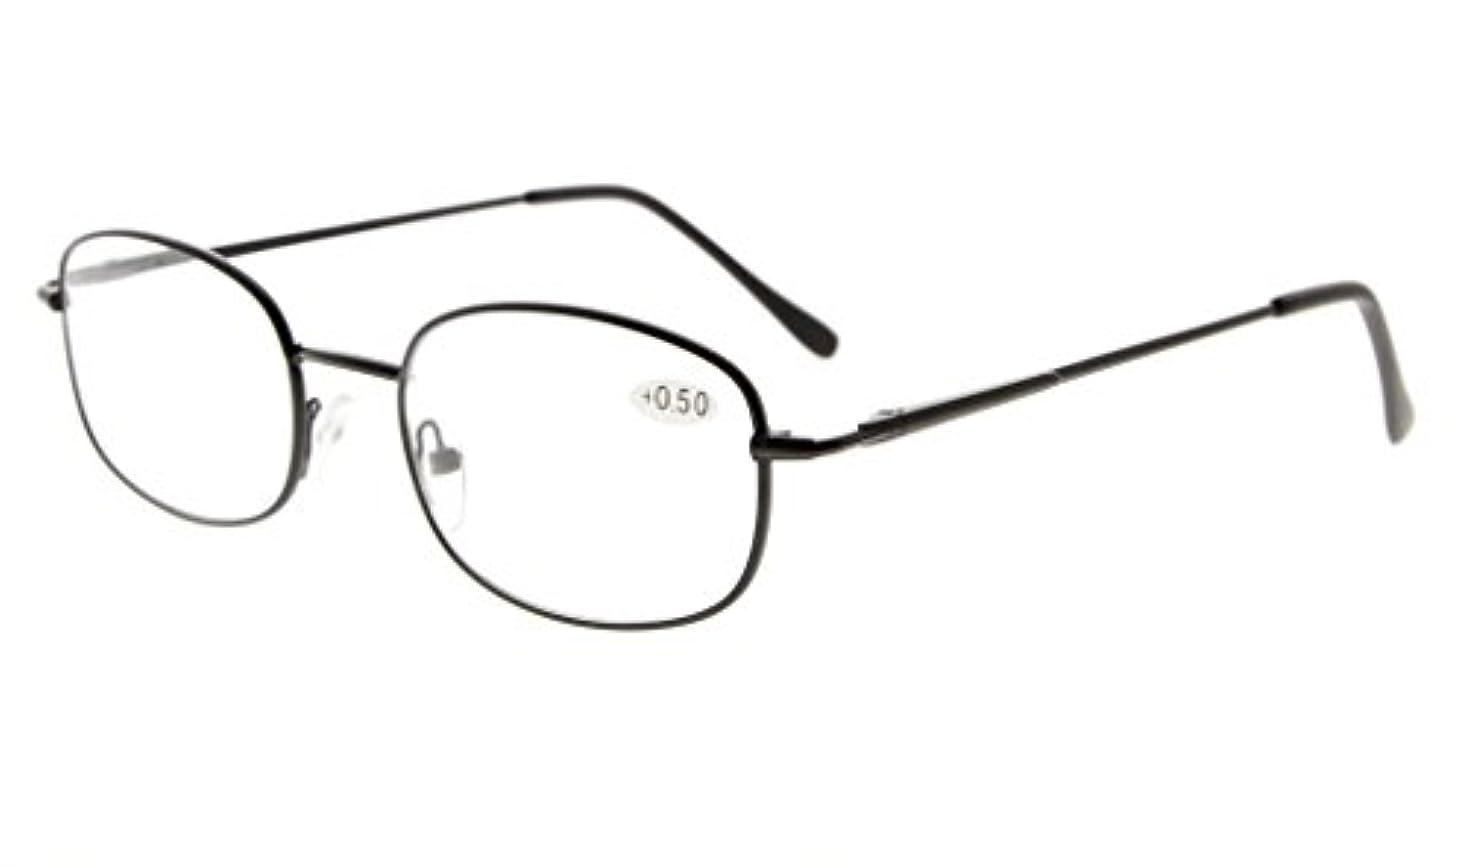 性差別困惑した投げるアイキーパー(Eyekepper)メタルフレーム バネ蝶番式テンプル リーディンググラス シニアグラス 老眼鏡 ブラック +0.75